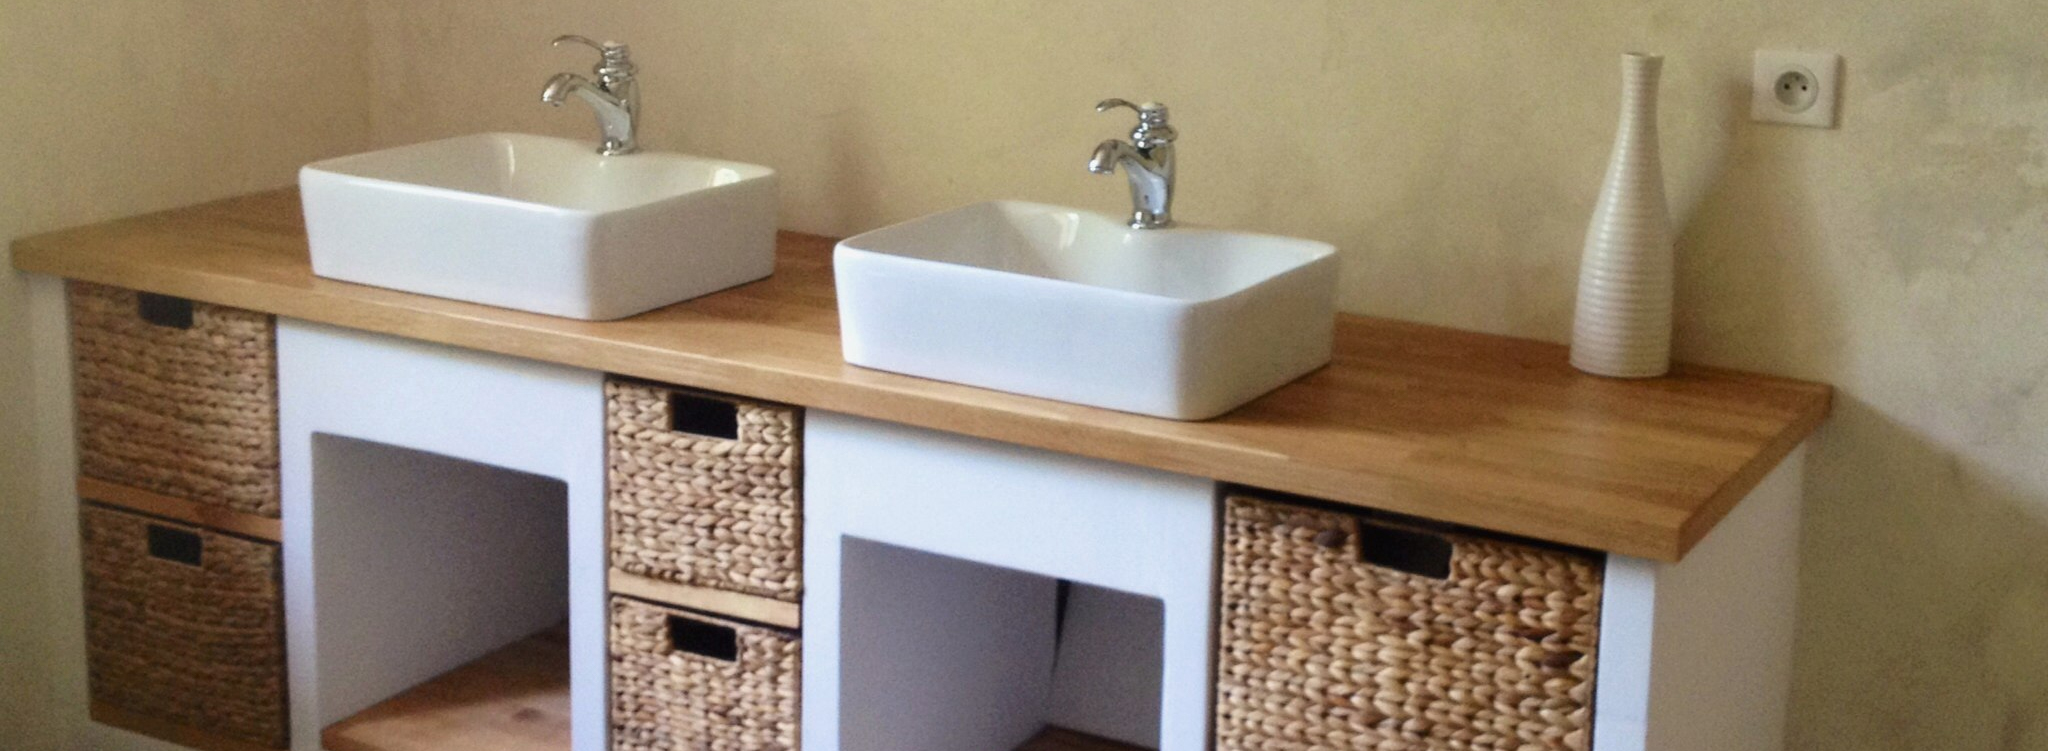 Bois Salle De Bain plan de travail salle de bain : nos conseils pour vous aider